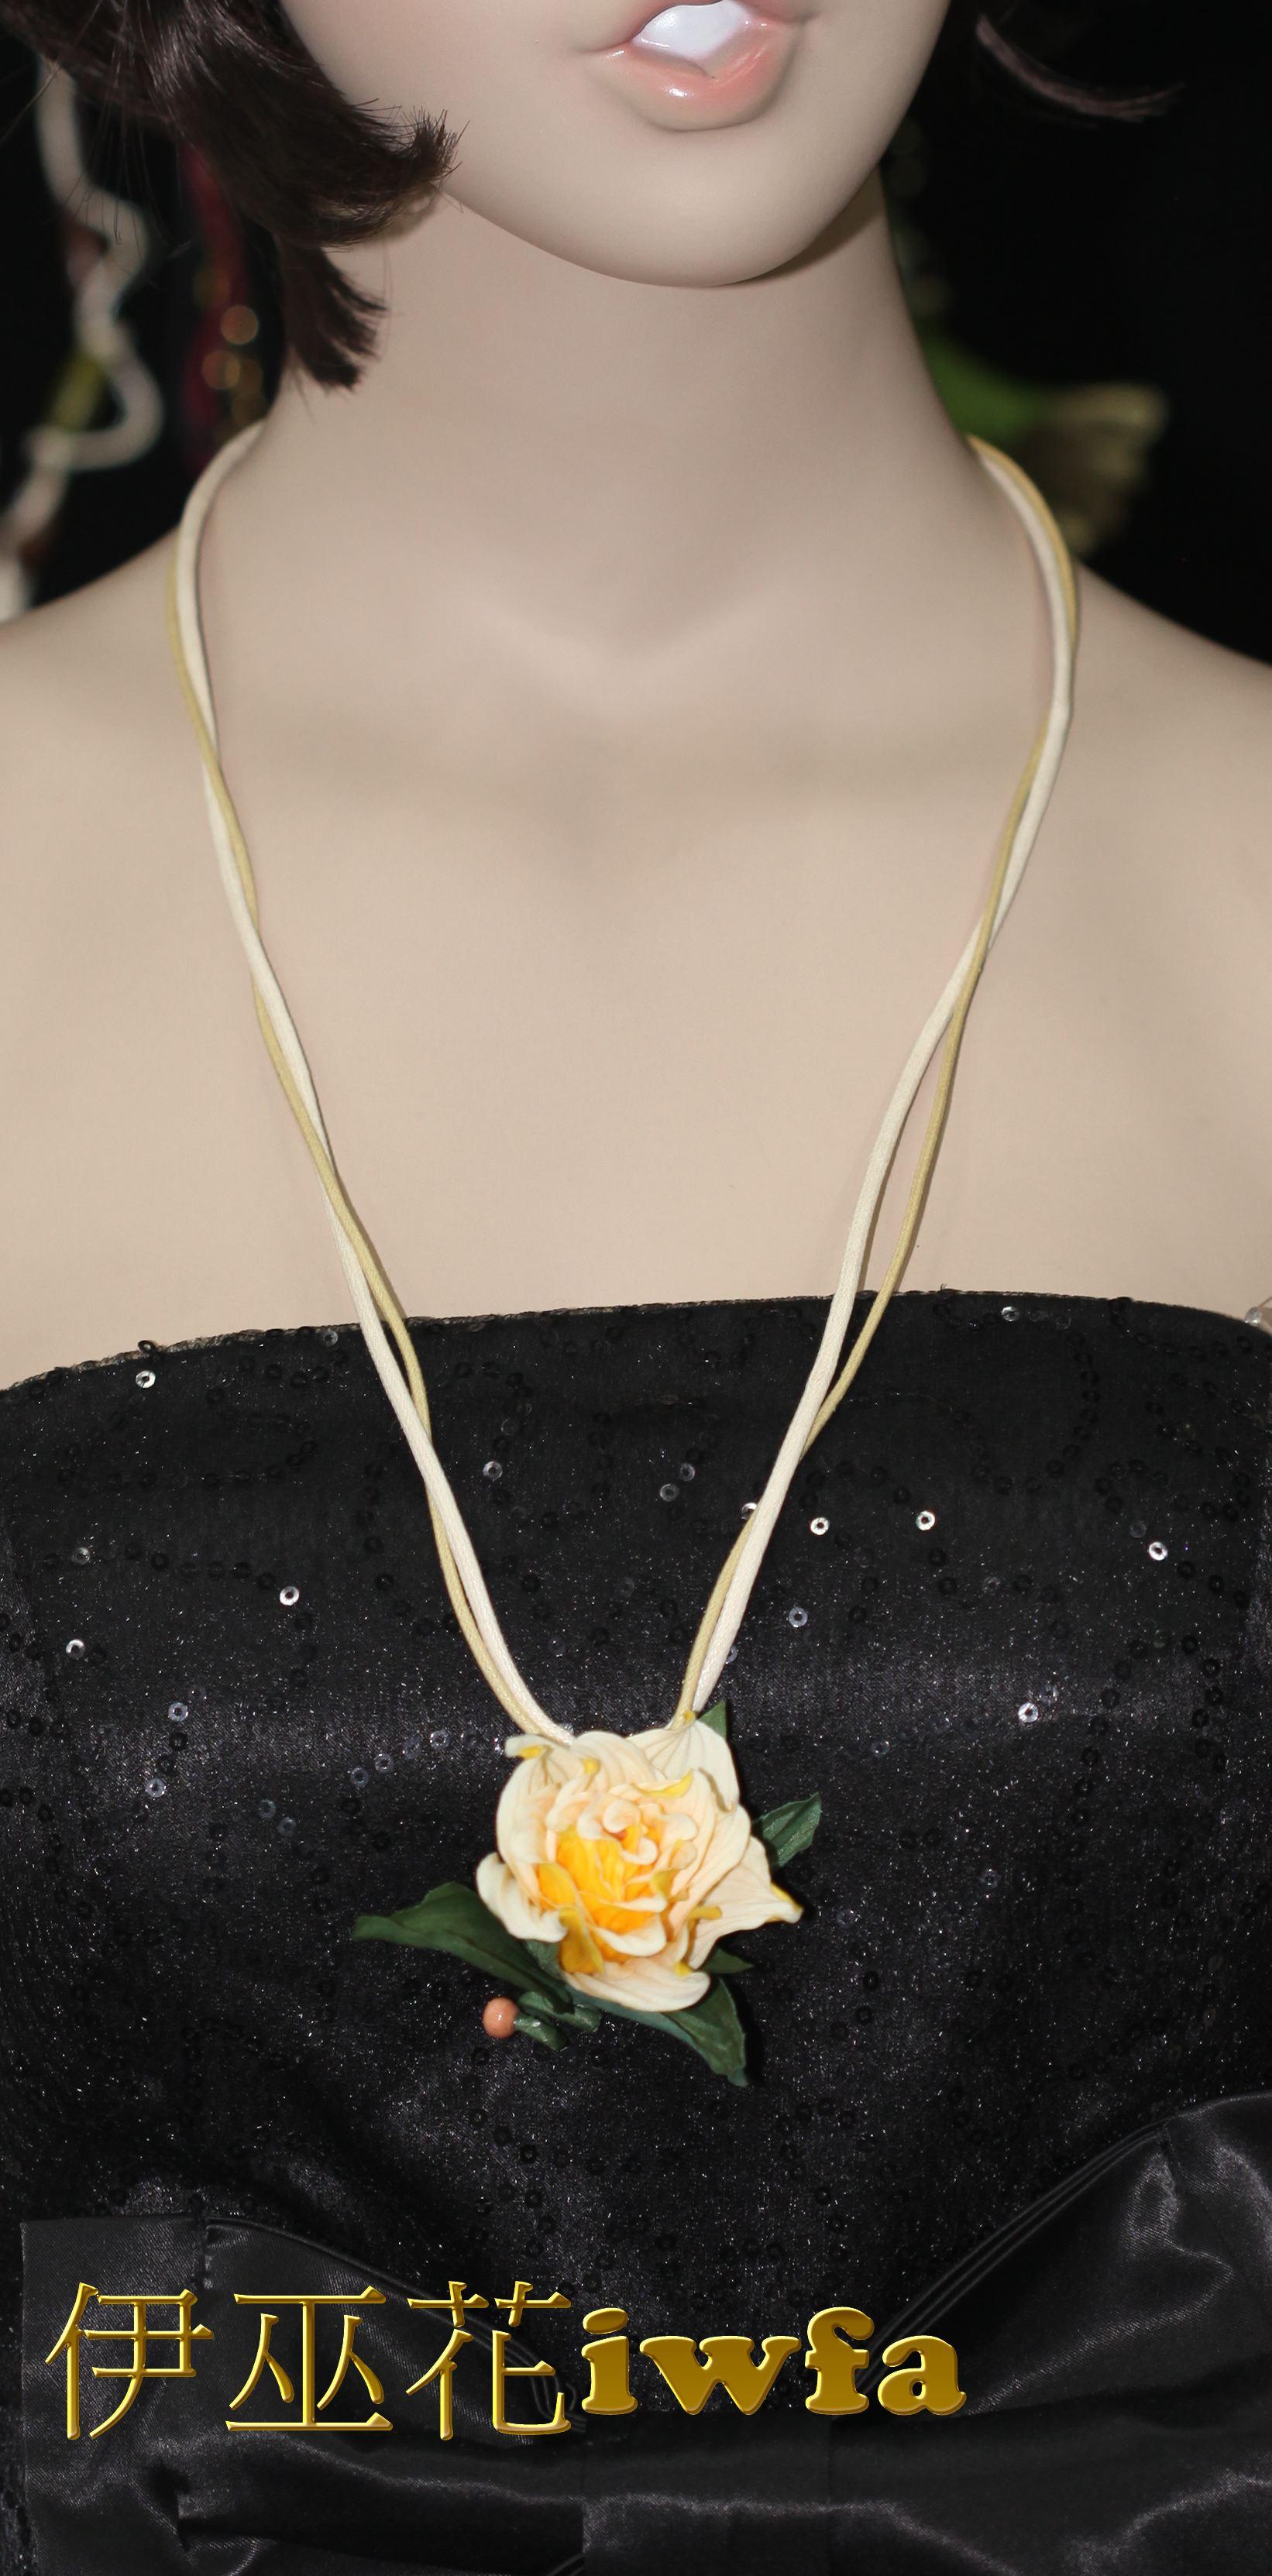 民俗風-藤蔓上的玫瑰花--黃色